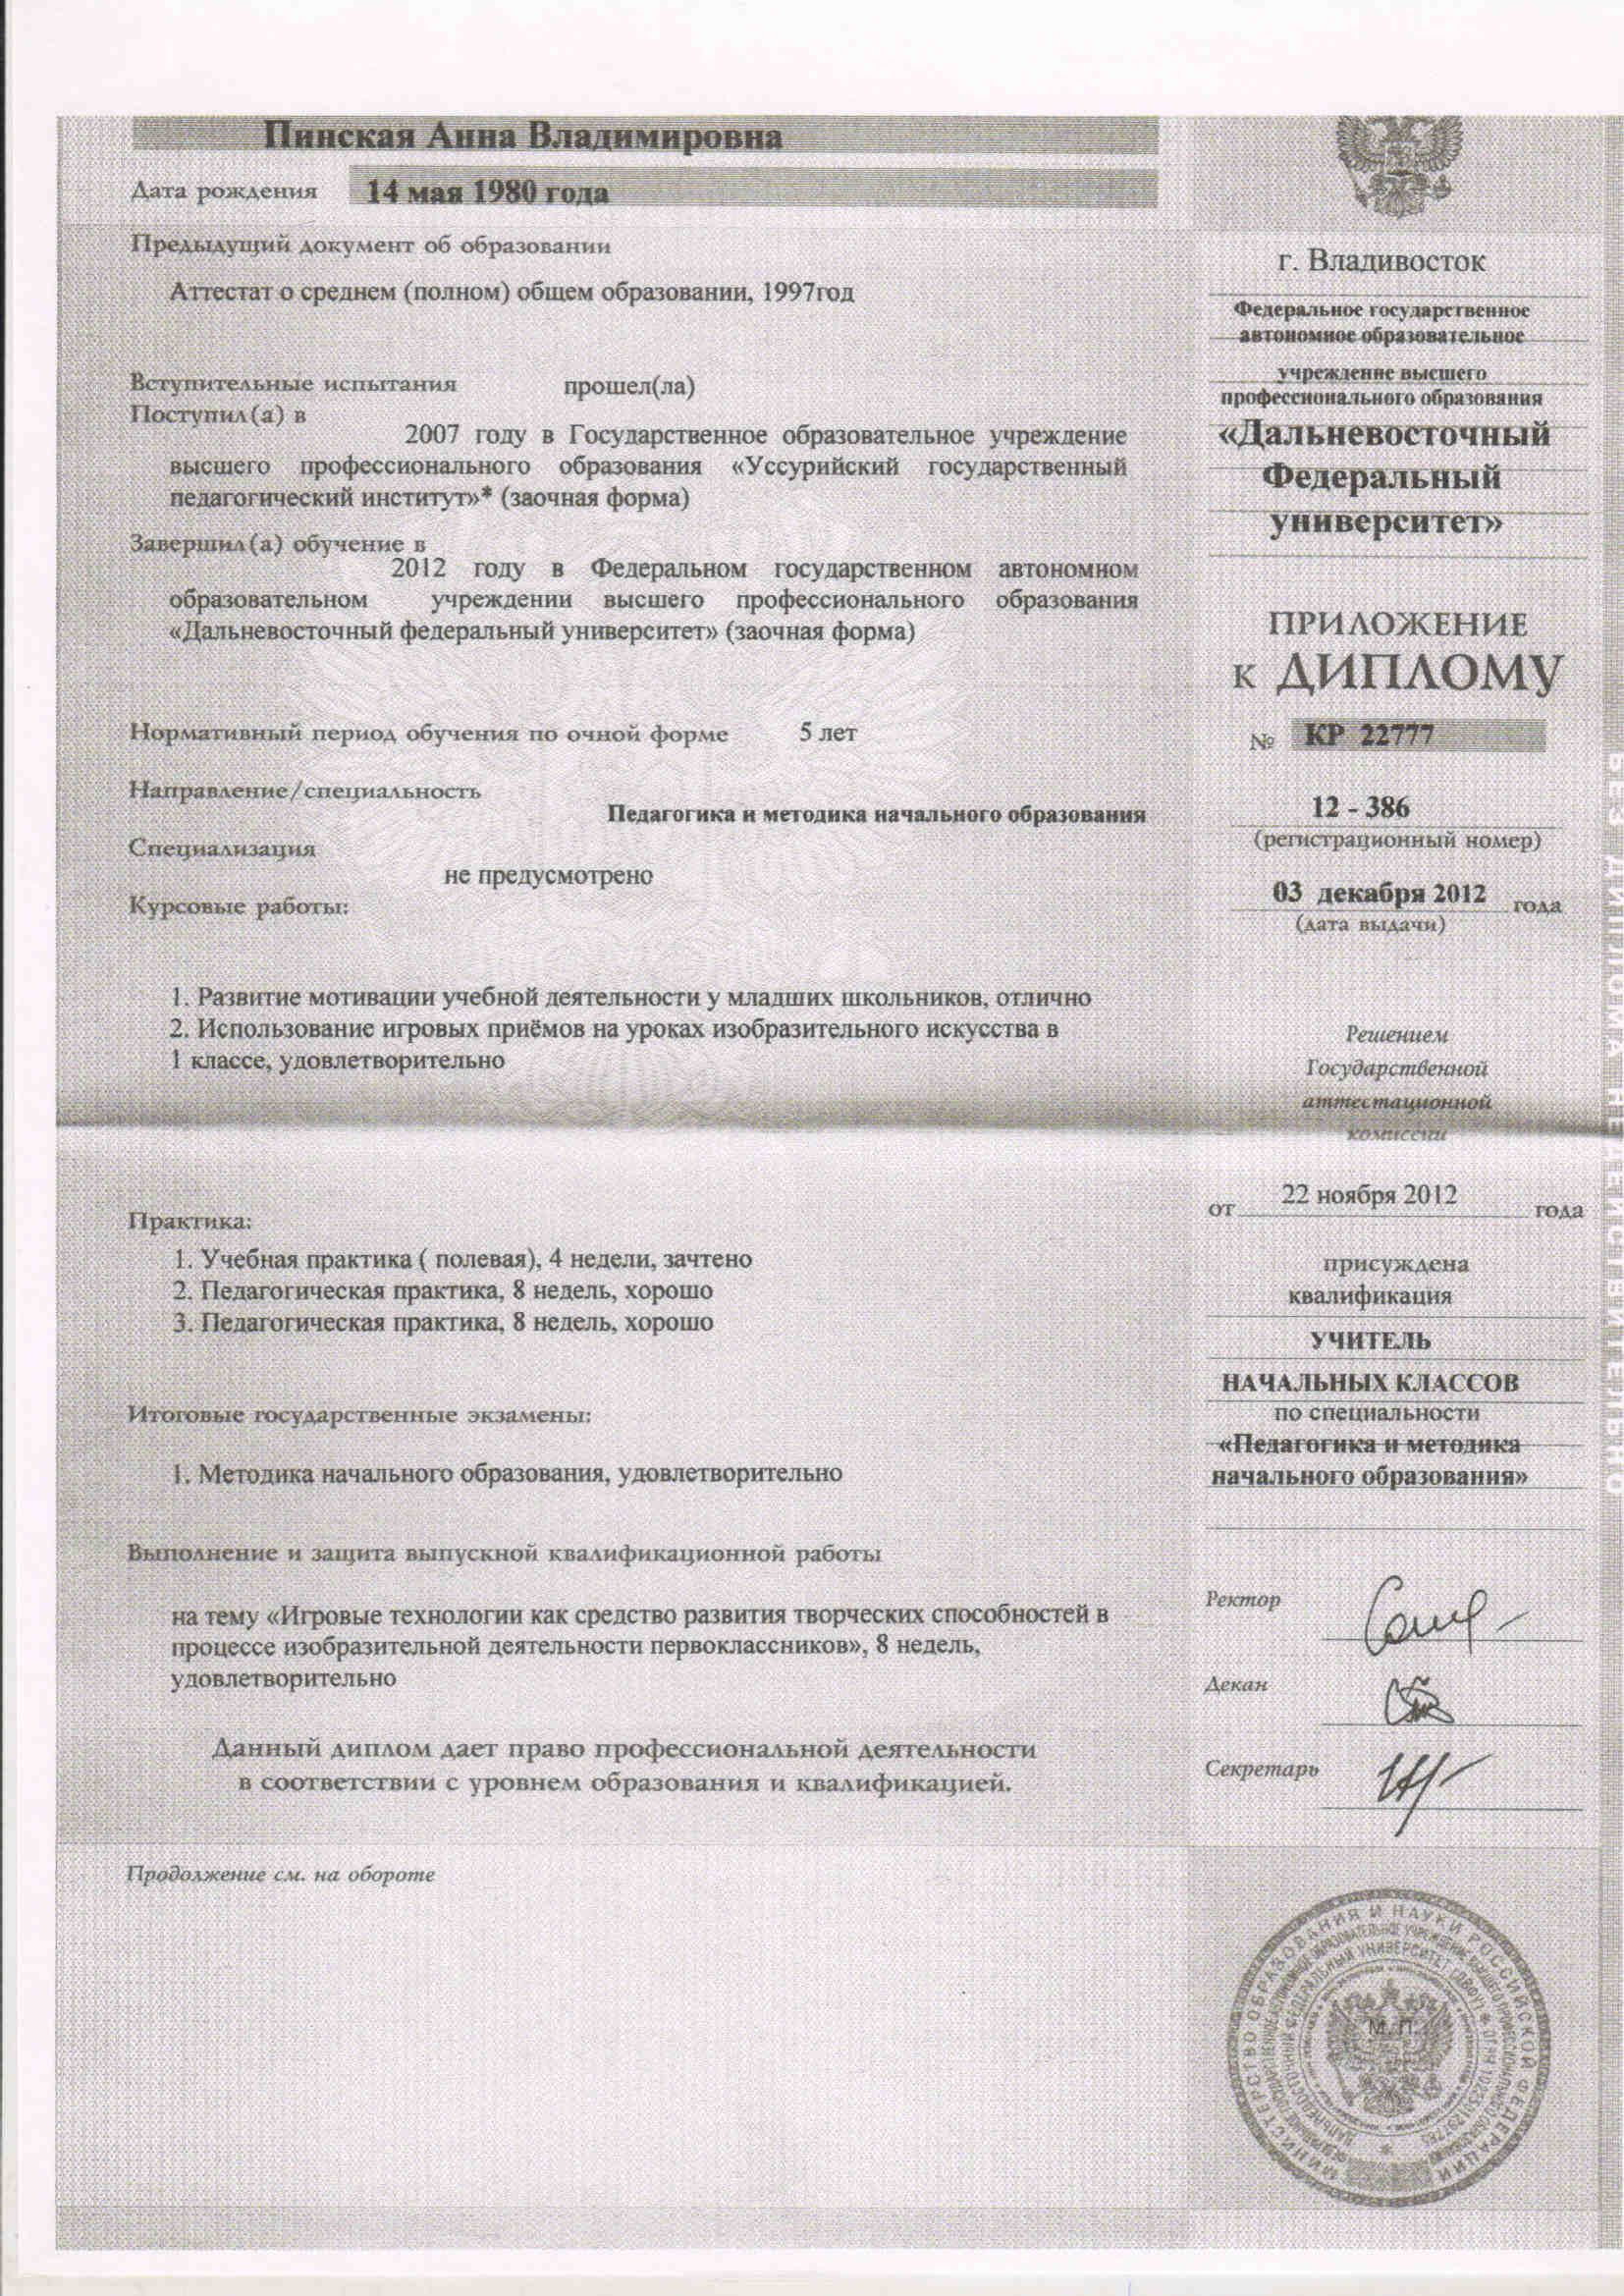 Педагогические мастерские Электронное портфолио педагога  Специальность по диплому